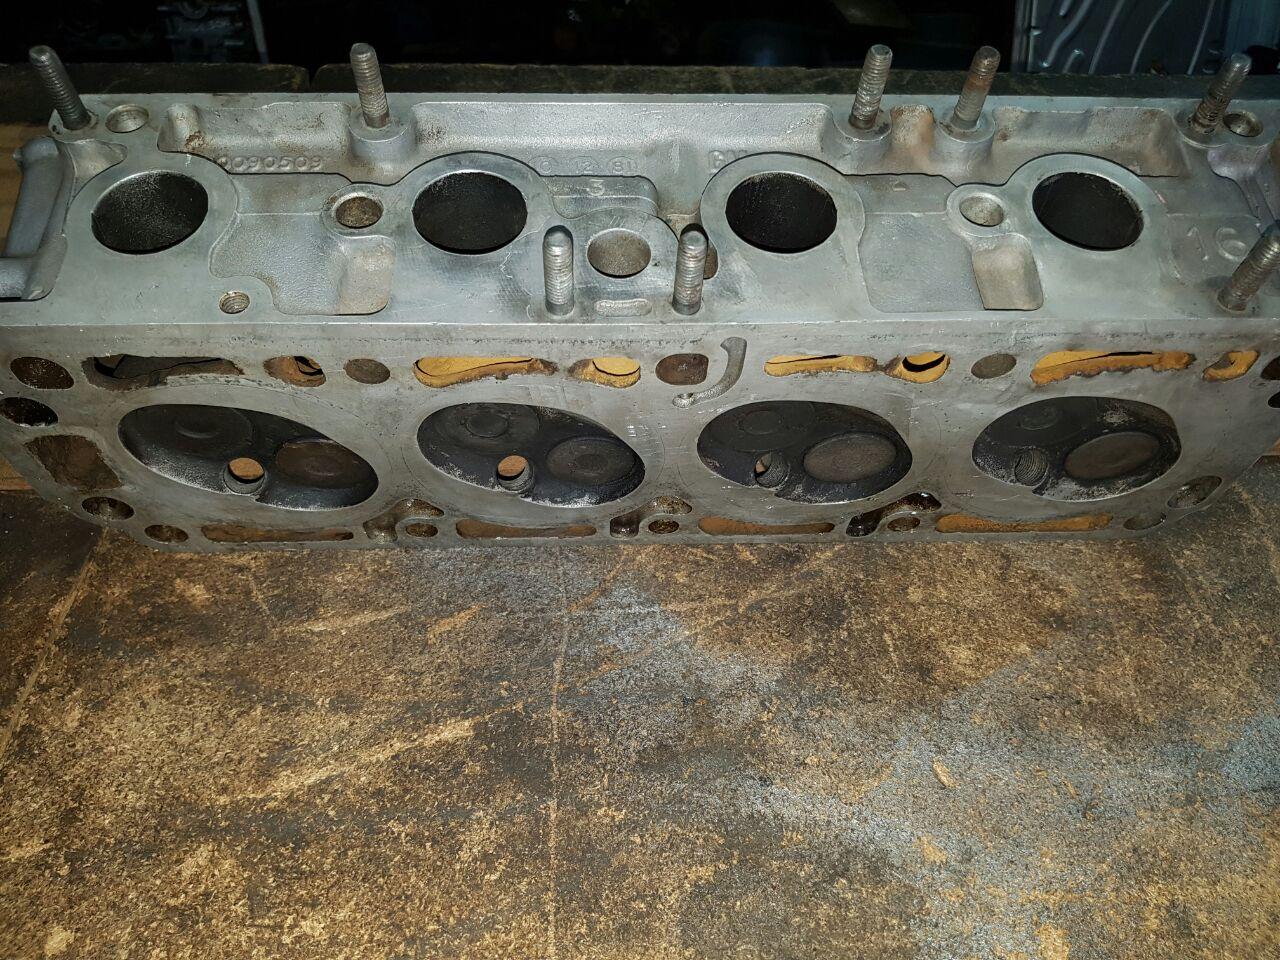 Bmw e30 cylinder head